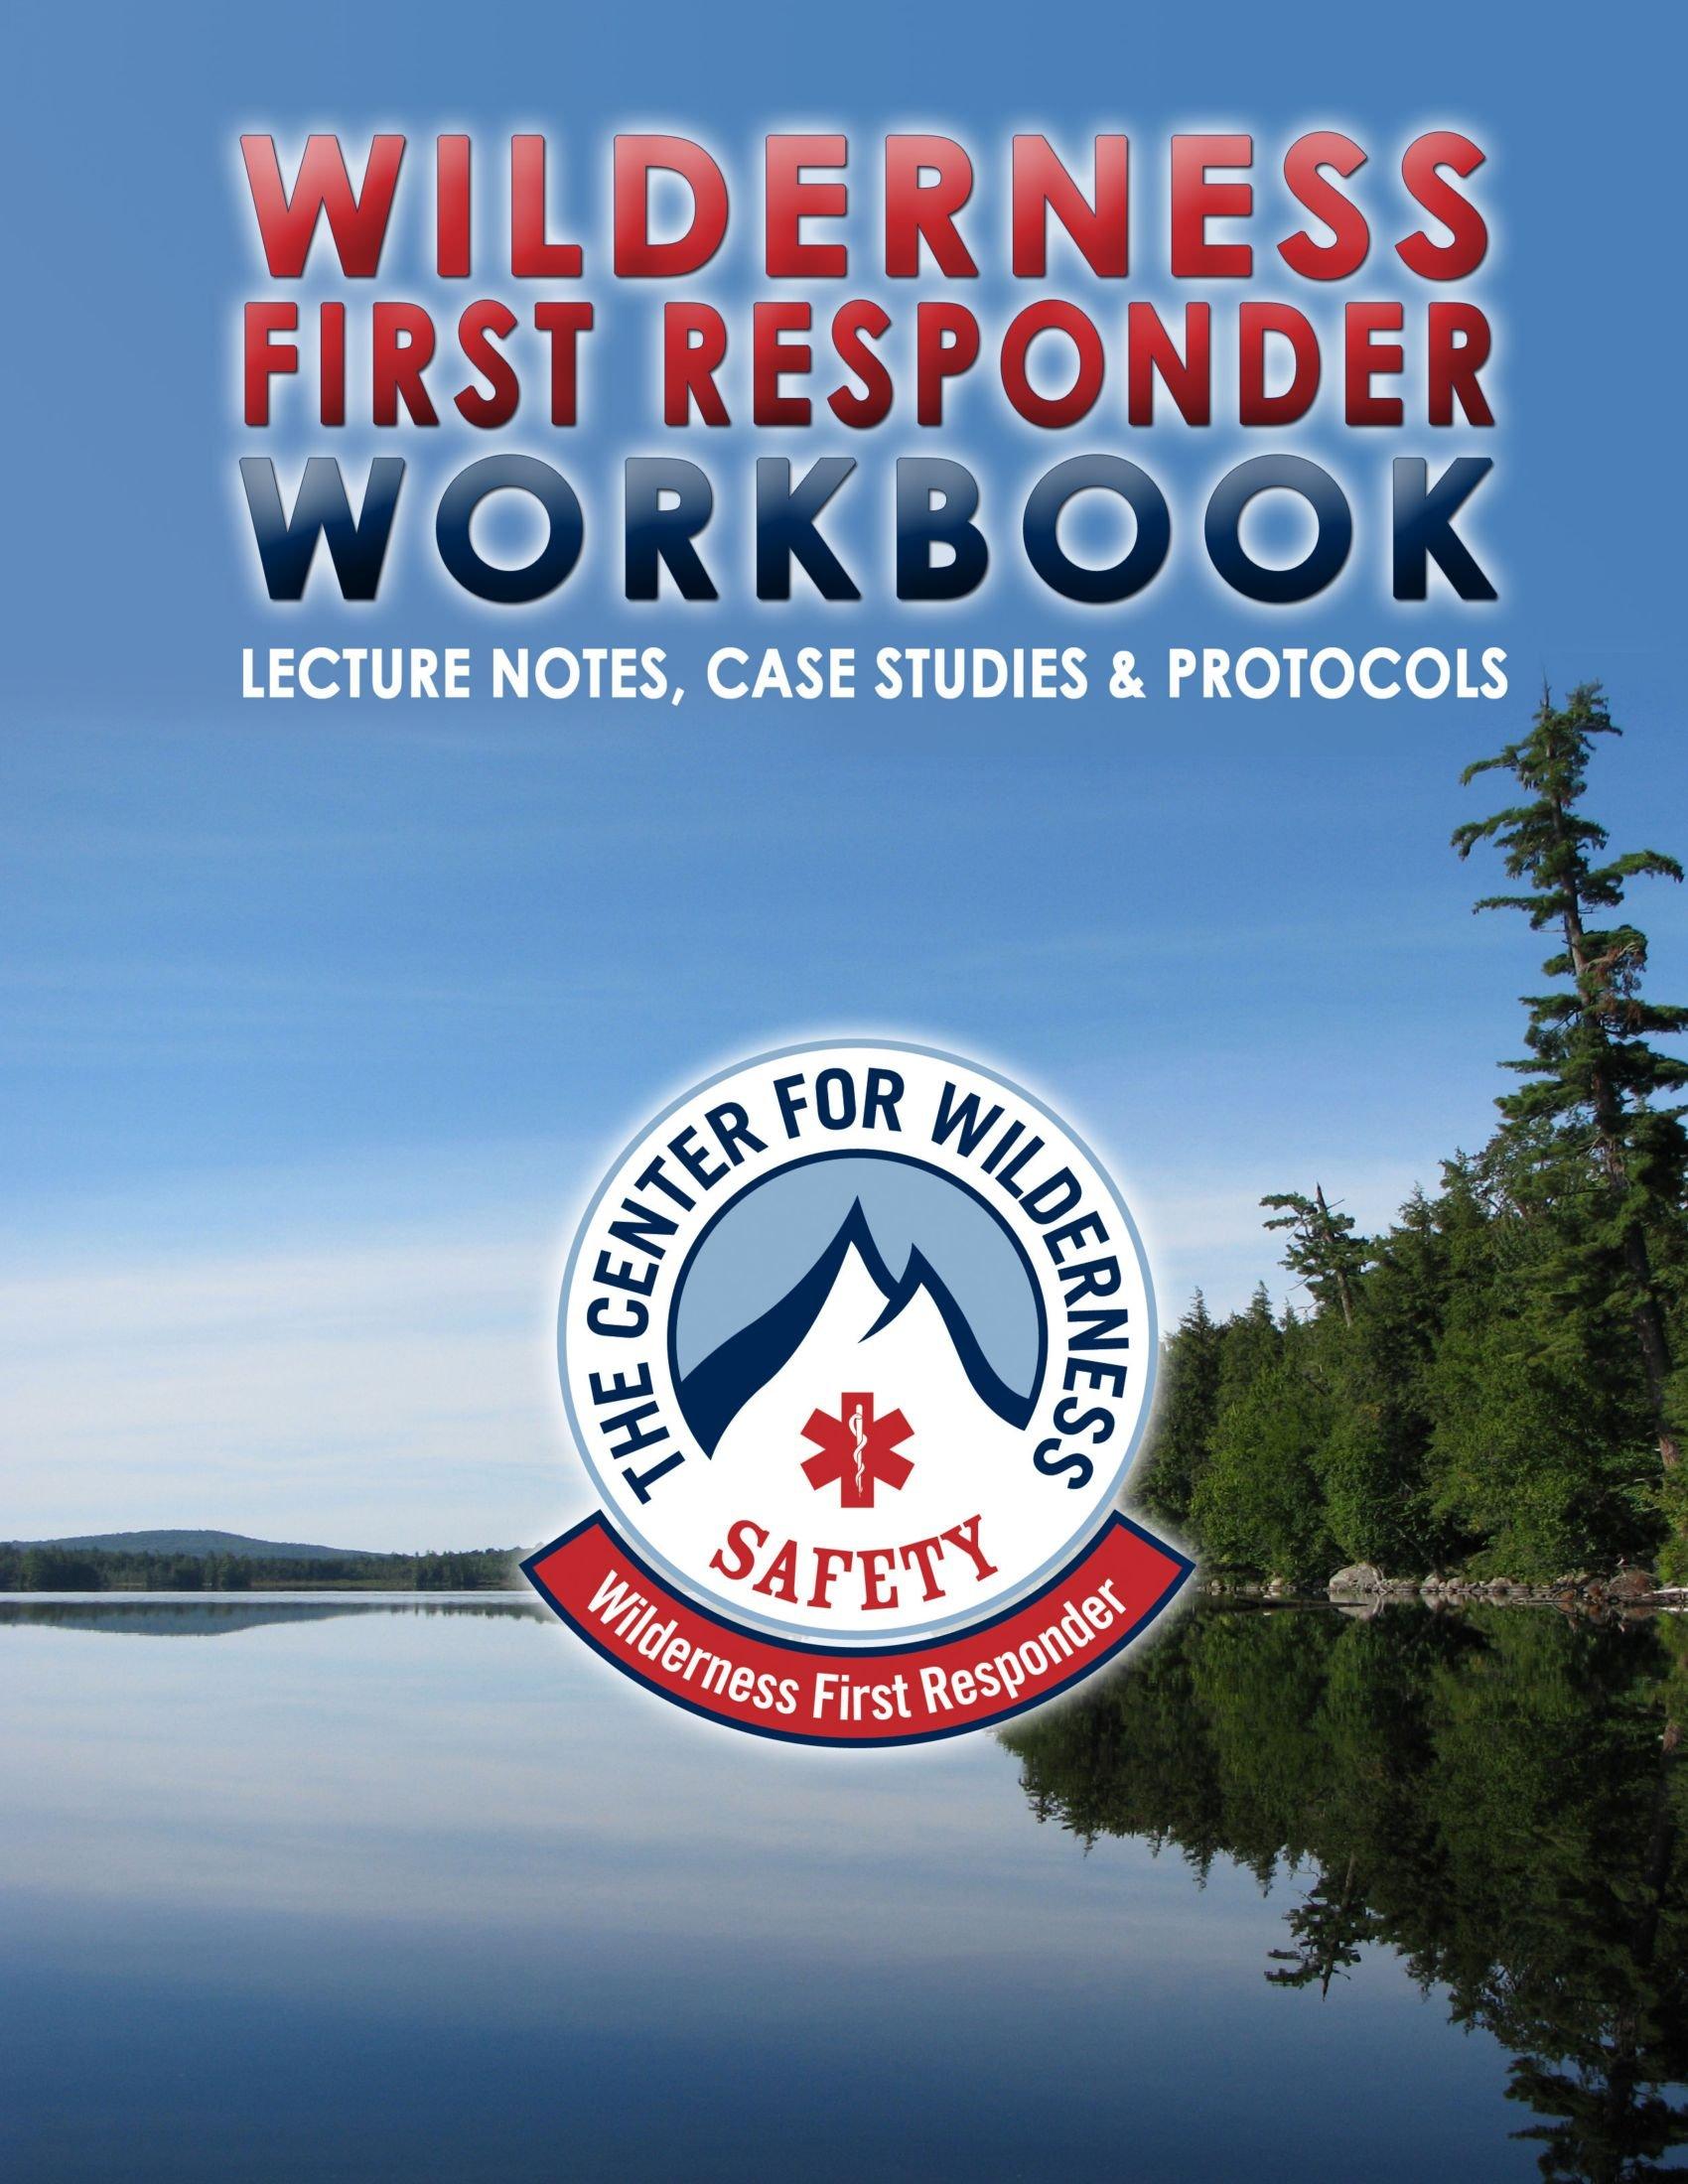 The Cws Wilderness First Responder Workbook PDF